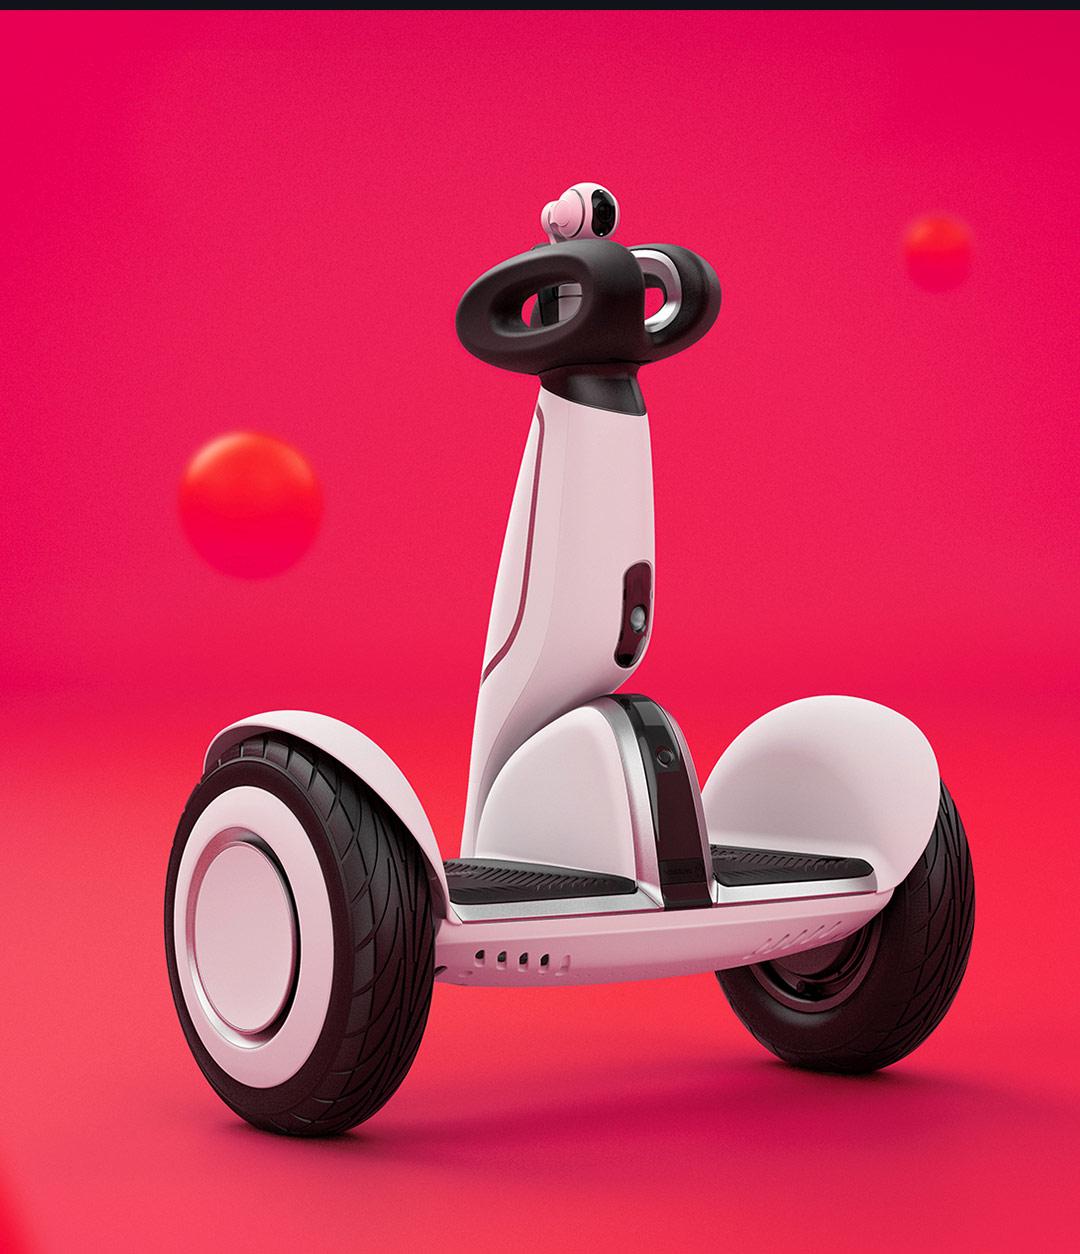 3499元人民幣的小米九號平衡車 Plus 正式推出!值得購買嗎? - 傳說中的挨踢部門